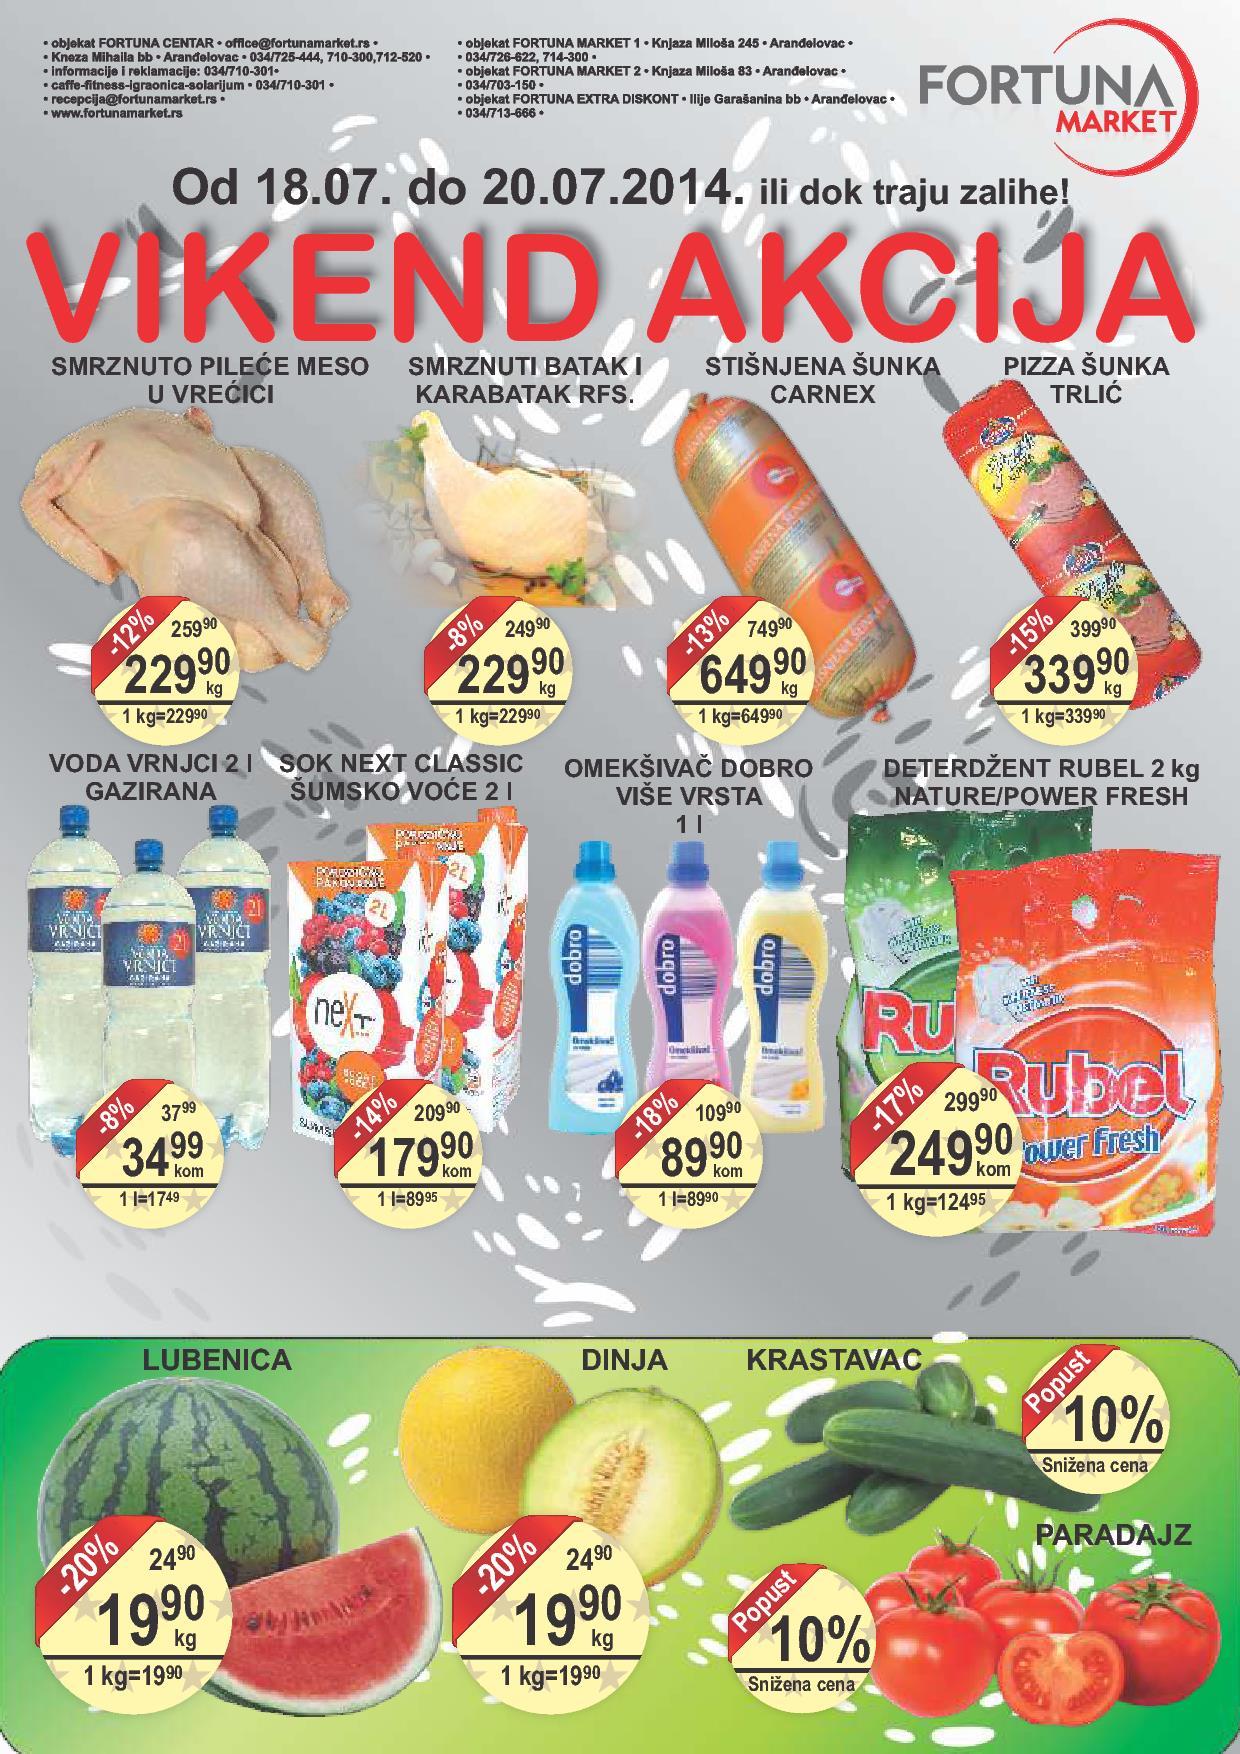 Fortuna market akcija vikend super cena za vas